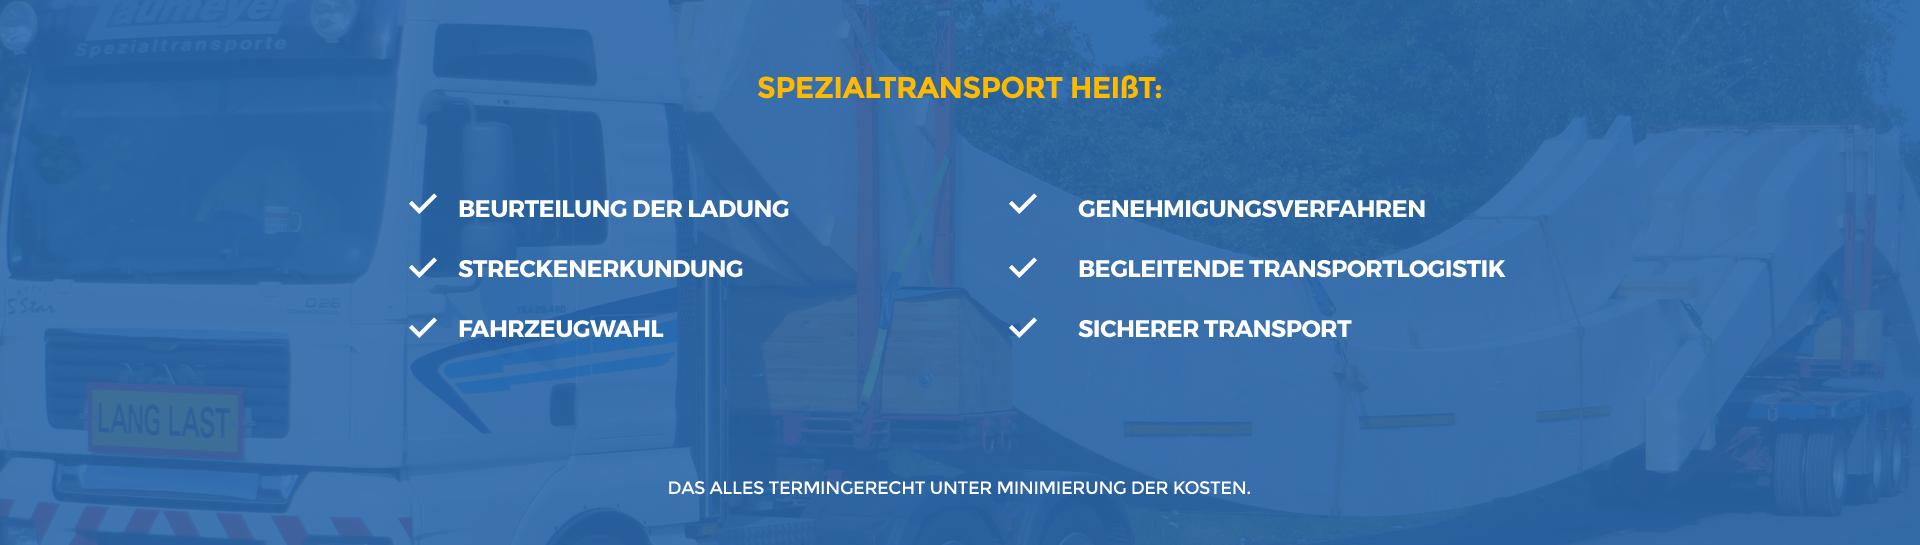 Spezialtransporte Leistungen